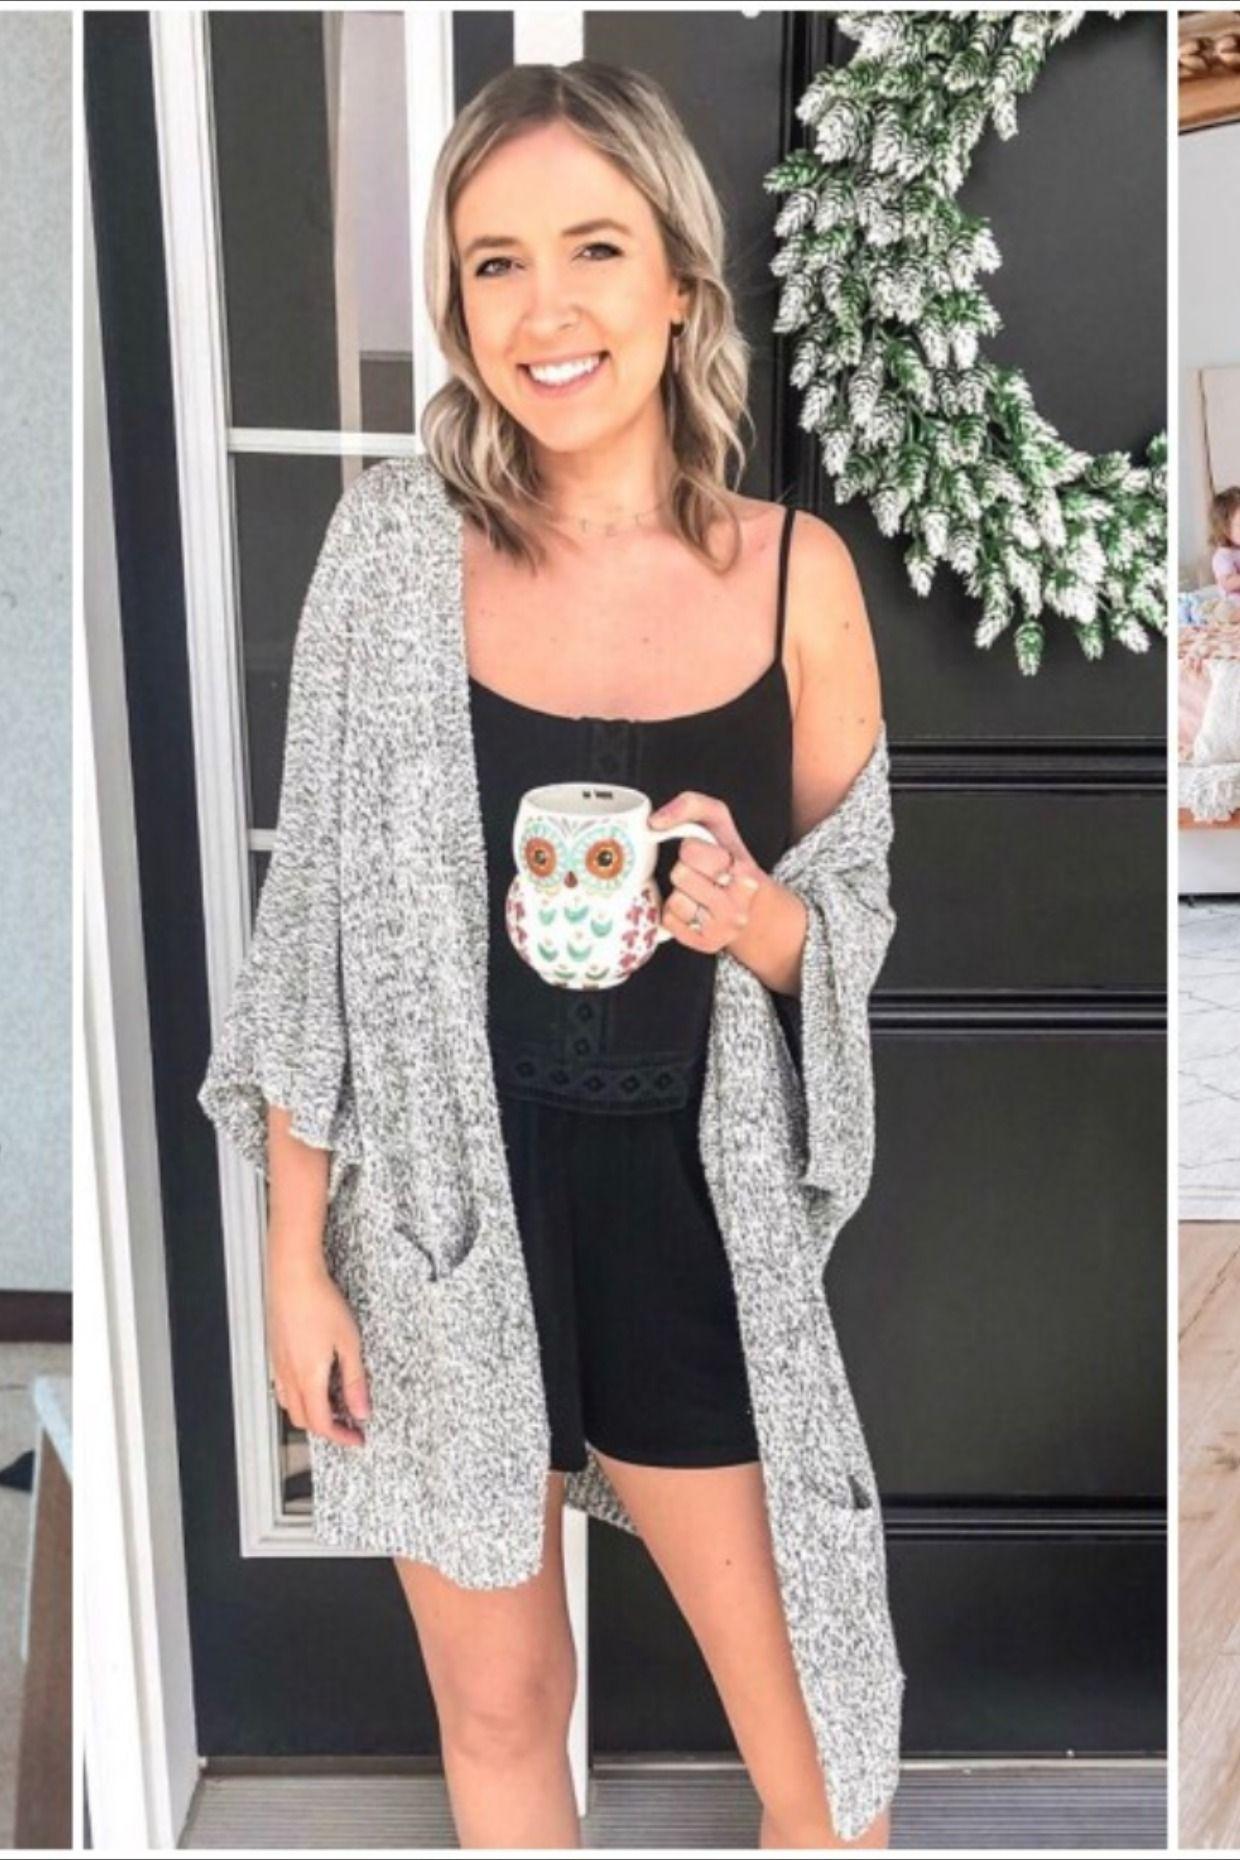 أفكار ملابس مريحة يمكن ارتدائها في المنزل بدلا من البيجامات Shirt Dress Fashion Tshirt Dress